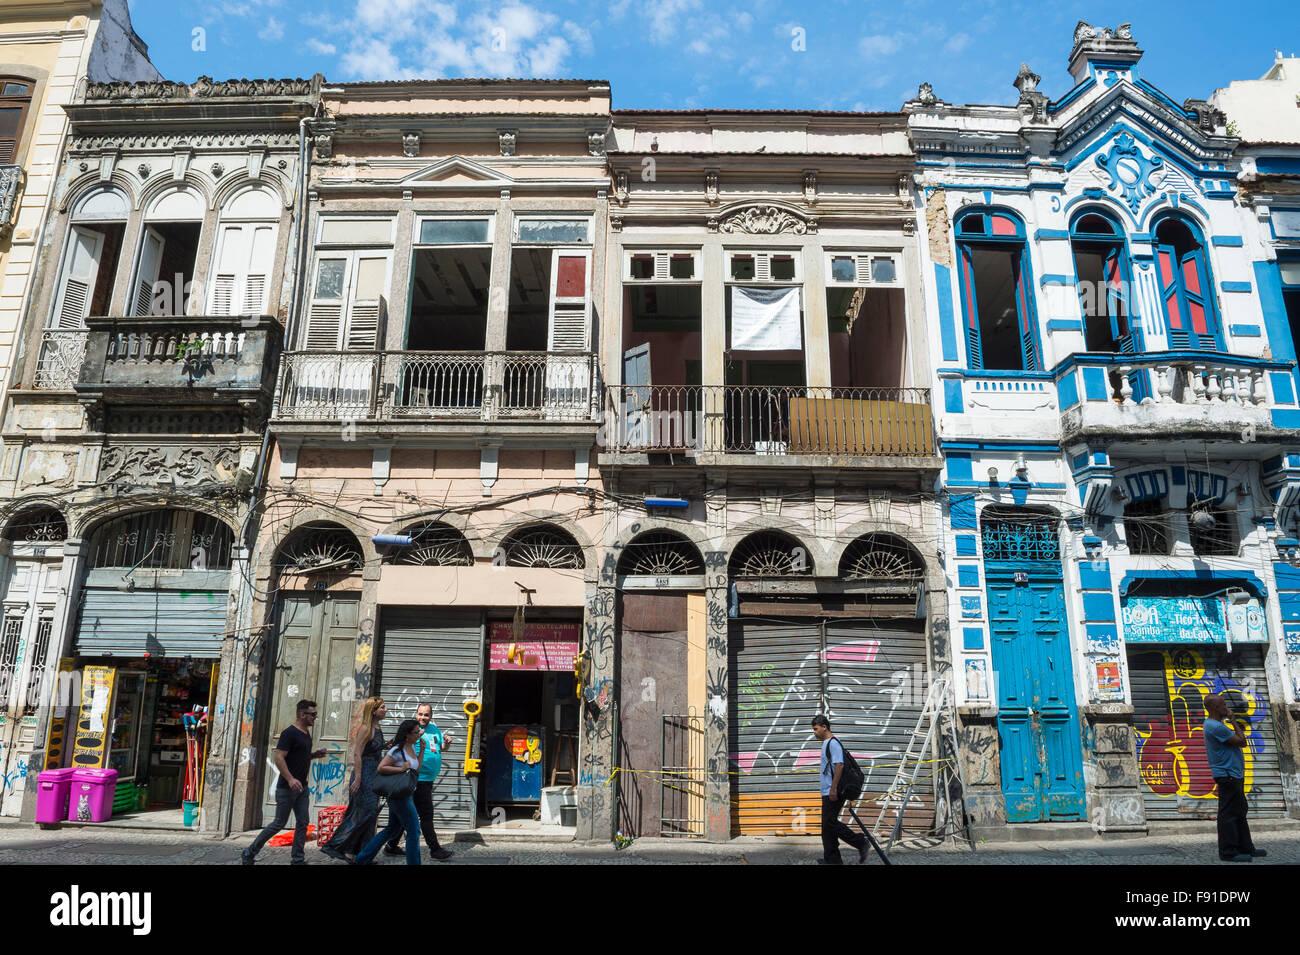 RIO DE JANEIRO, Brésil - 22 octobre 2015: Les piétons passent devant l'architecture éclectique Photo Stock